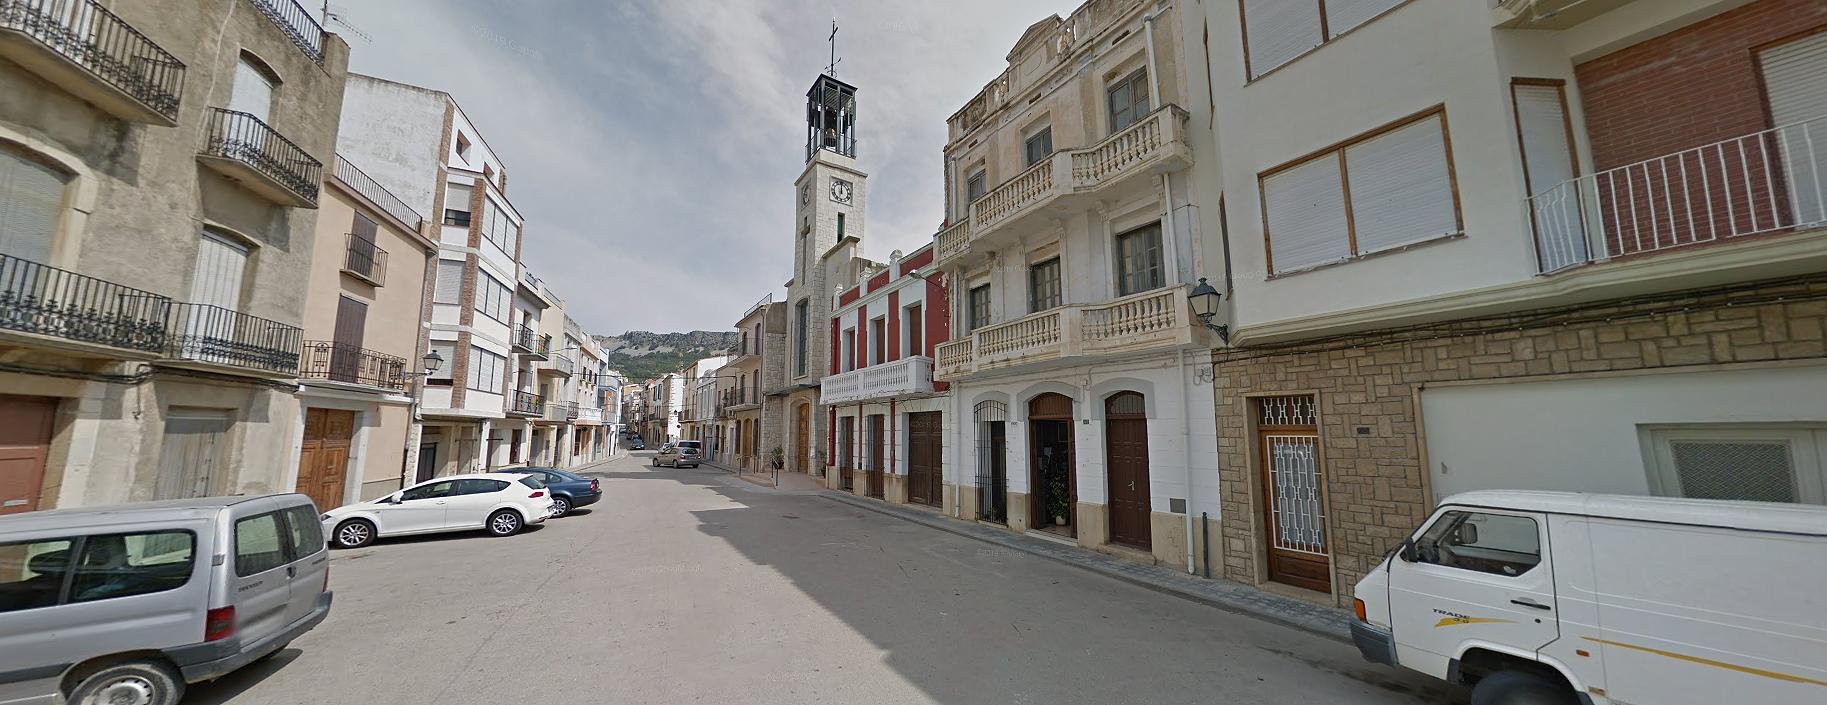 Xert aprova el pressupost municipal per al 2021 per import de 987.485 euros